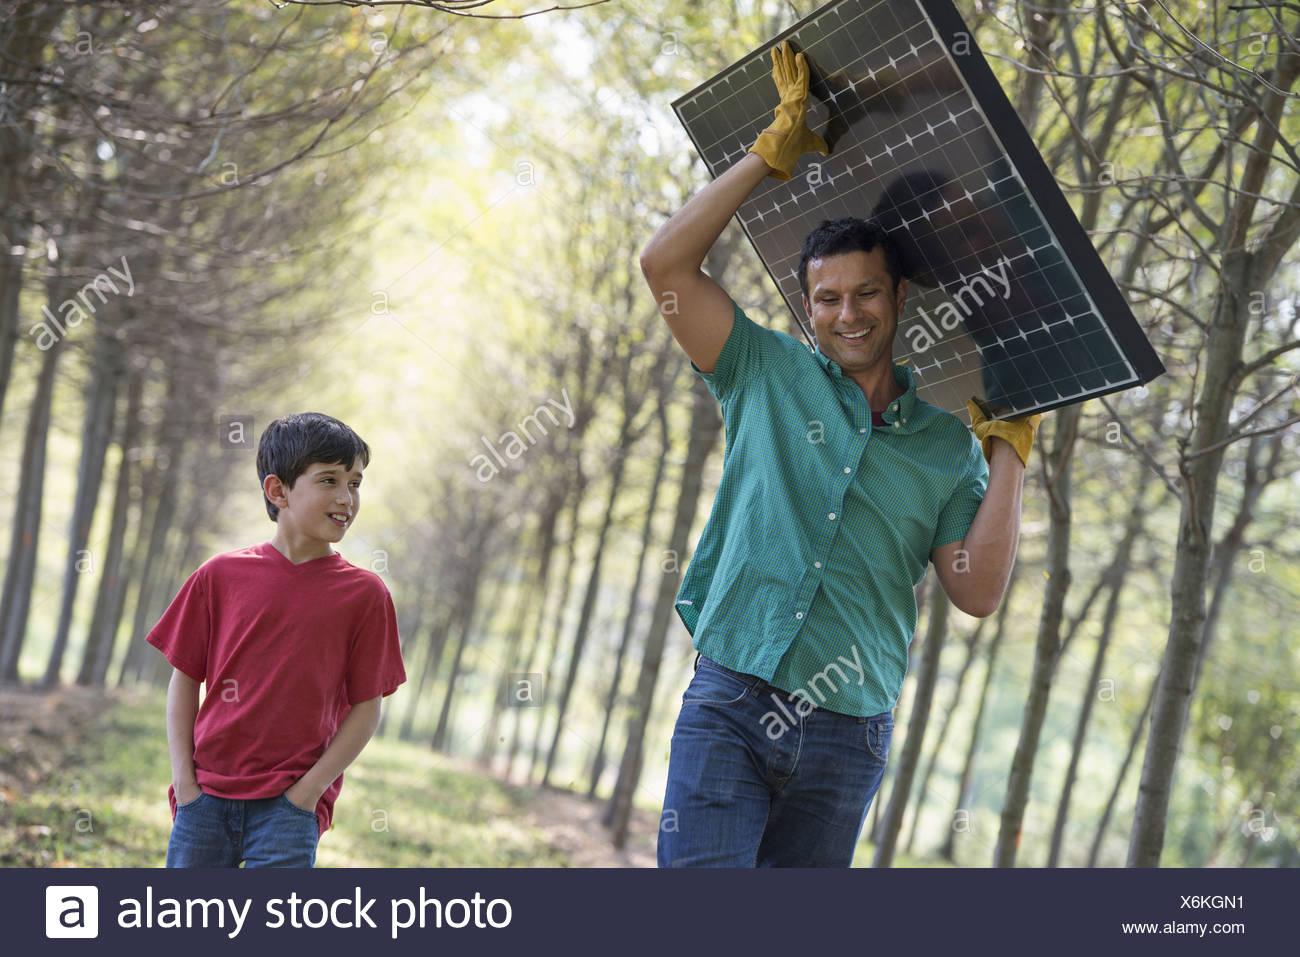 Un uomo che porta un pannello solare verso il basso di un viale di alberi accompagnati da un bambino. Immagini Stock